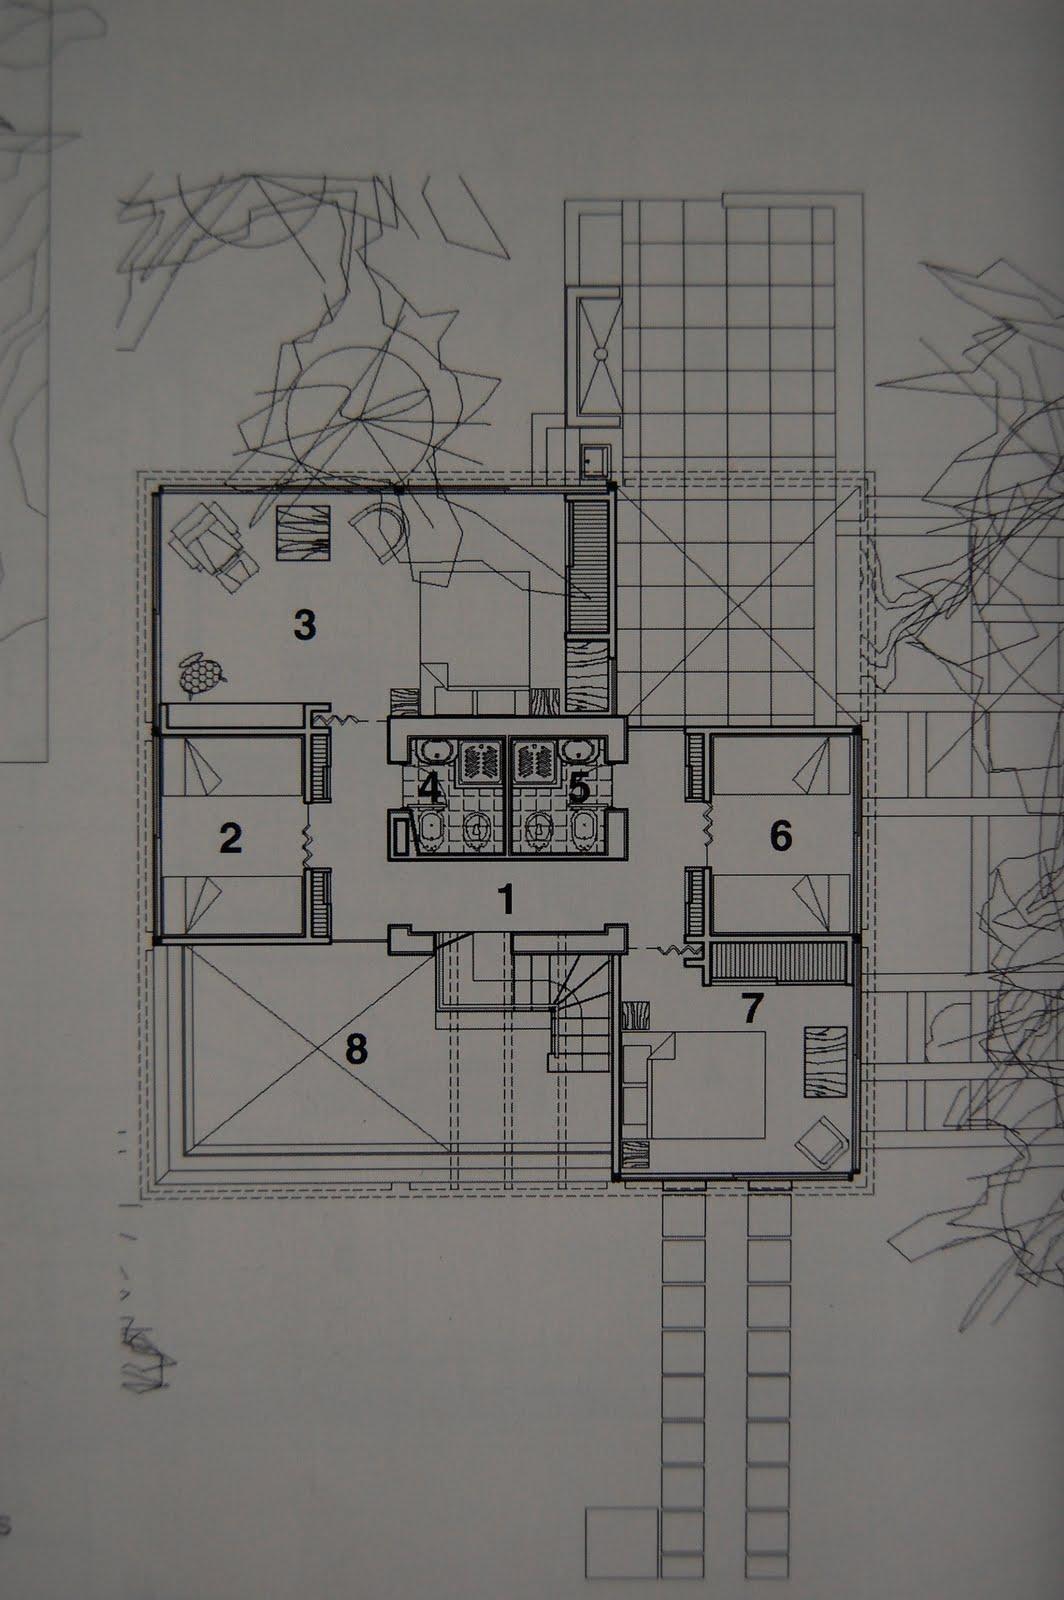 Arquitectura 1 agg vivienda en pinamar arq daniel almeida - Agg arquitectura ...